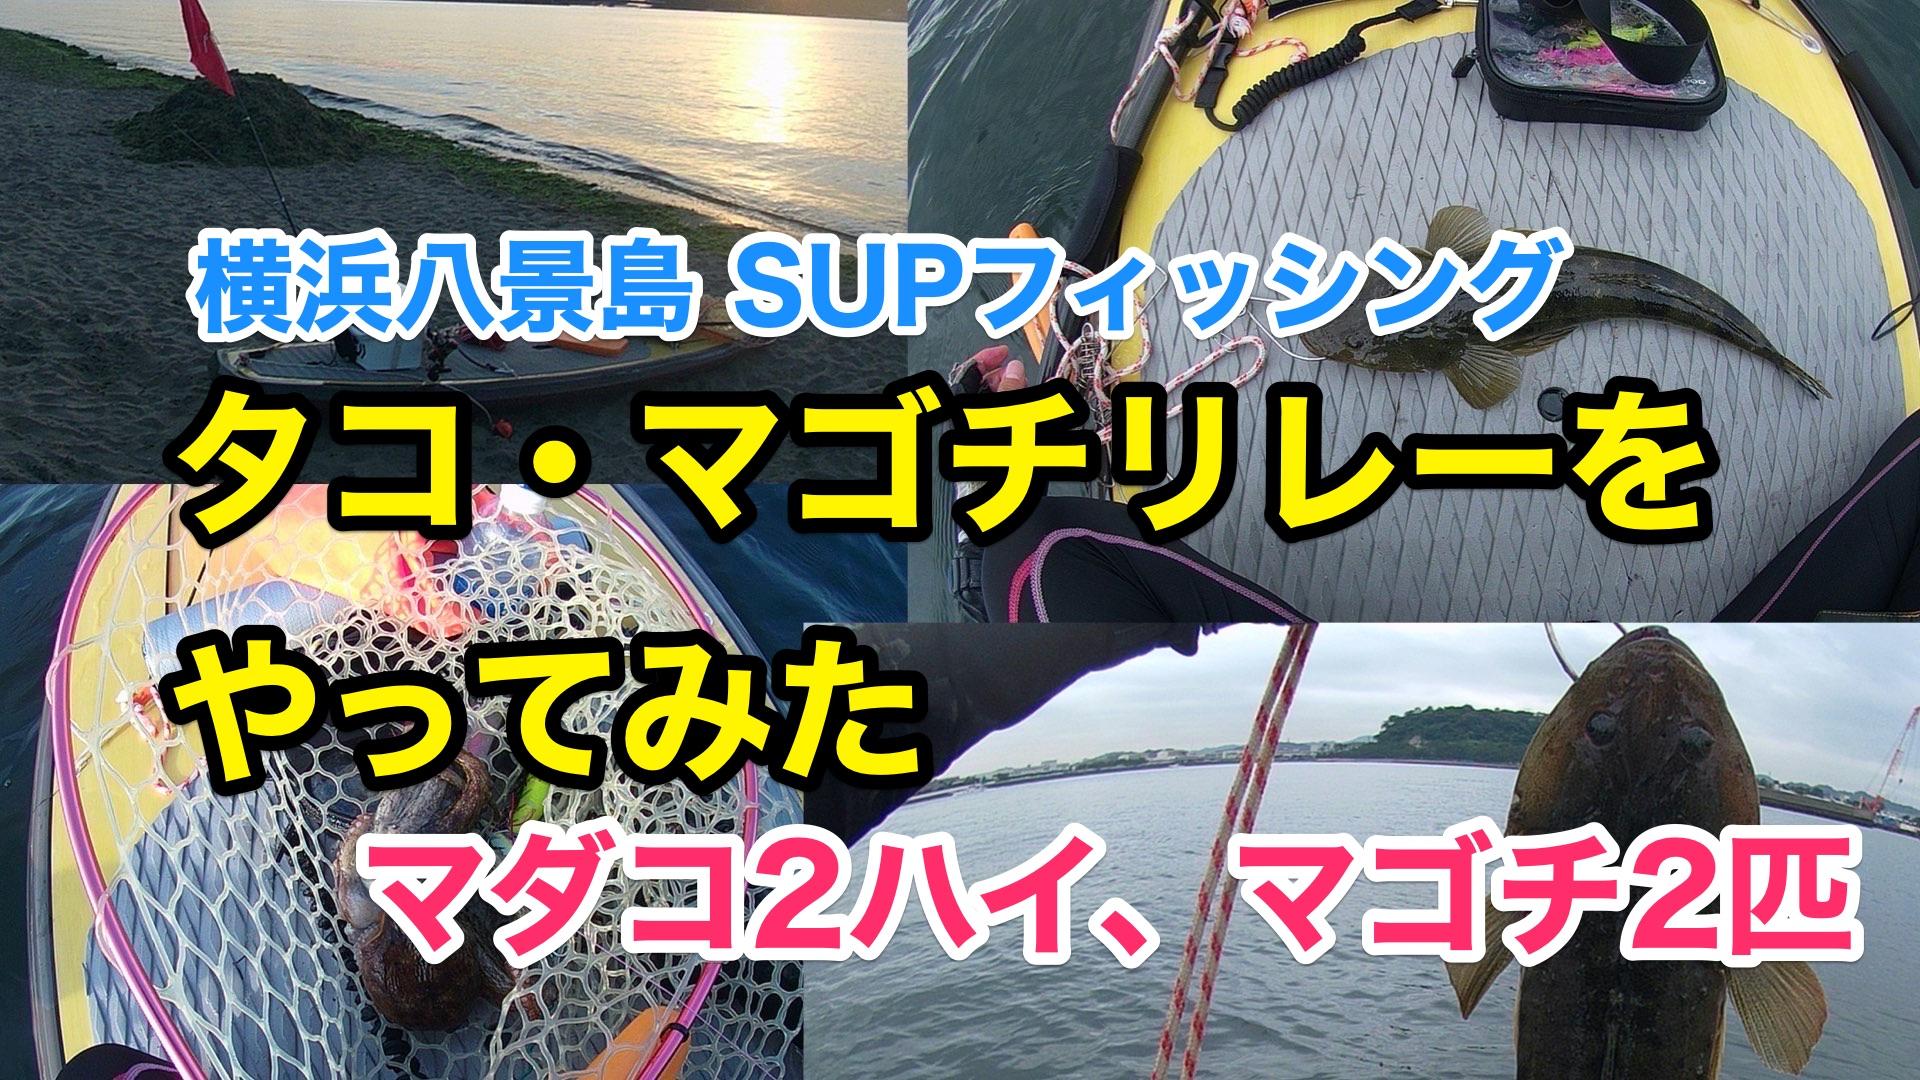 【タコ・マゴチリレーをやってみた】SUPフィッシング@横浜八景島20210908